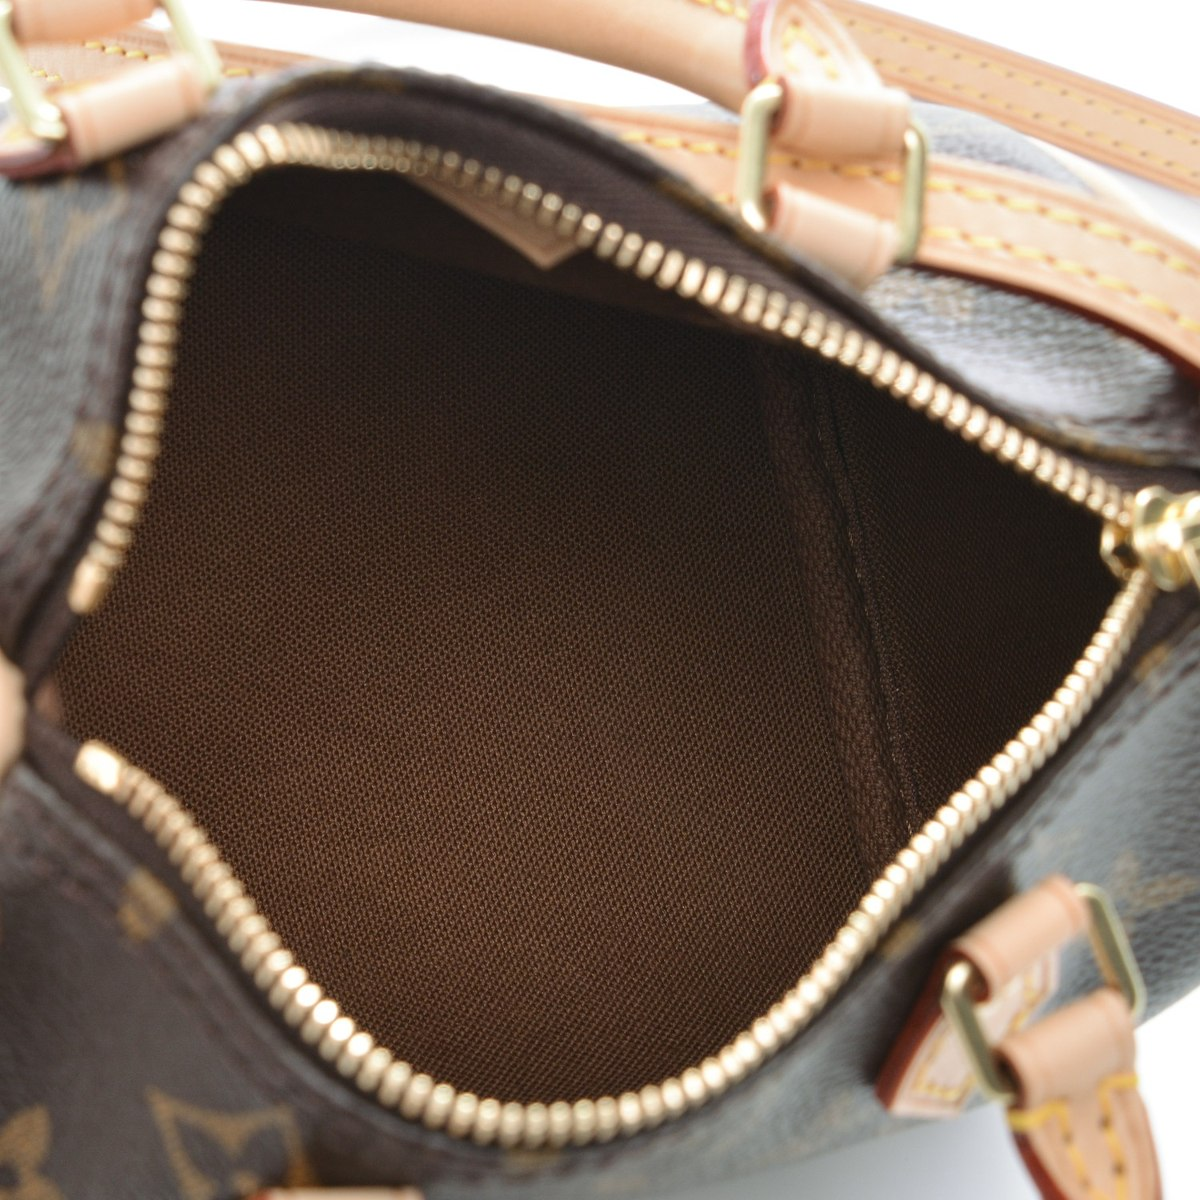 d7fe8ac5a Speedy Nano Louis Vuitton Couro Legítimo Premium Top - R$ 990,00 em ...